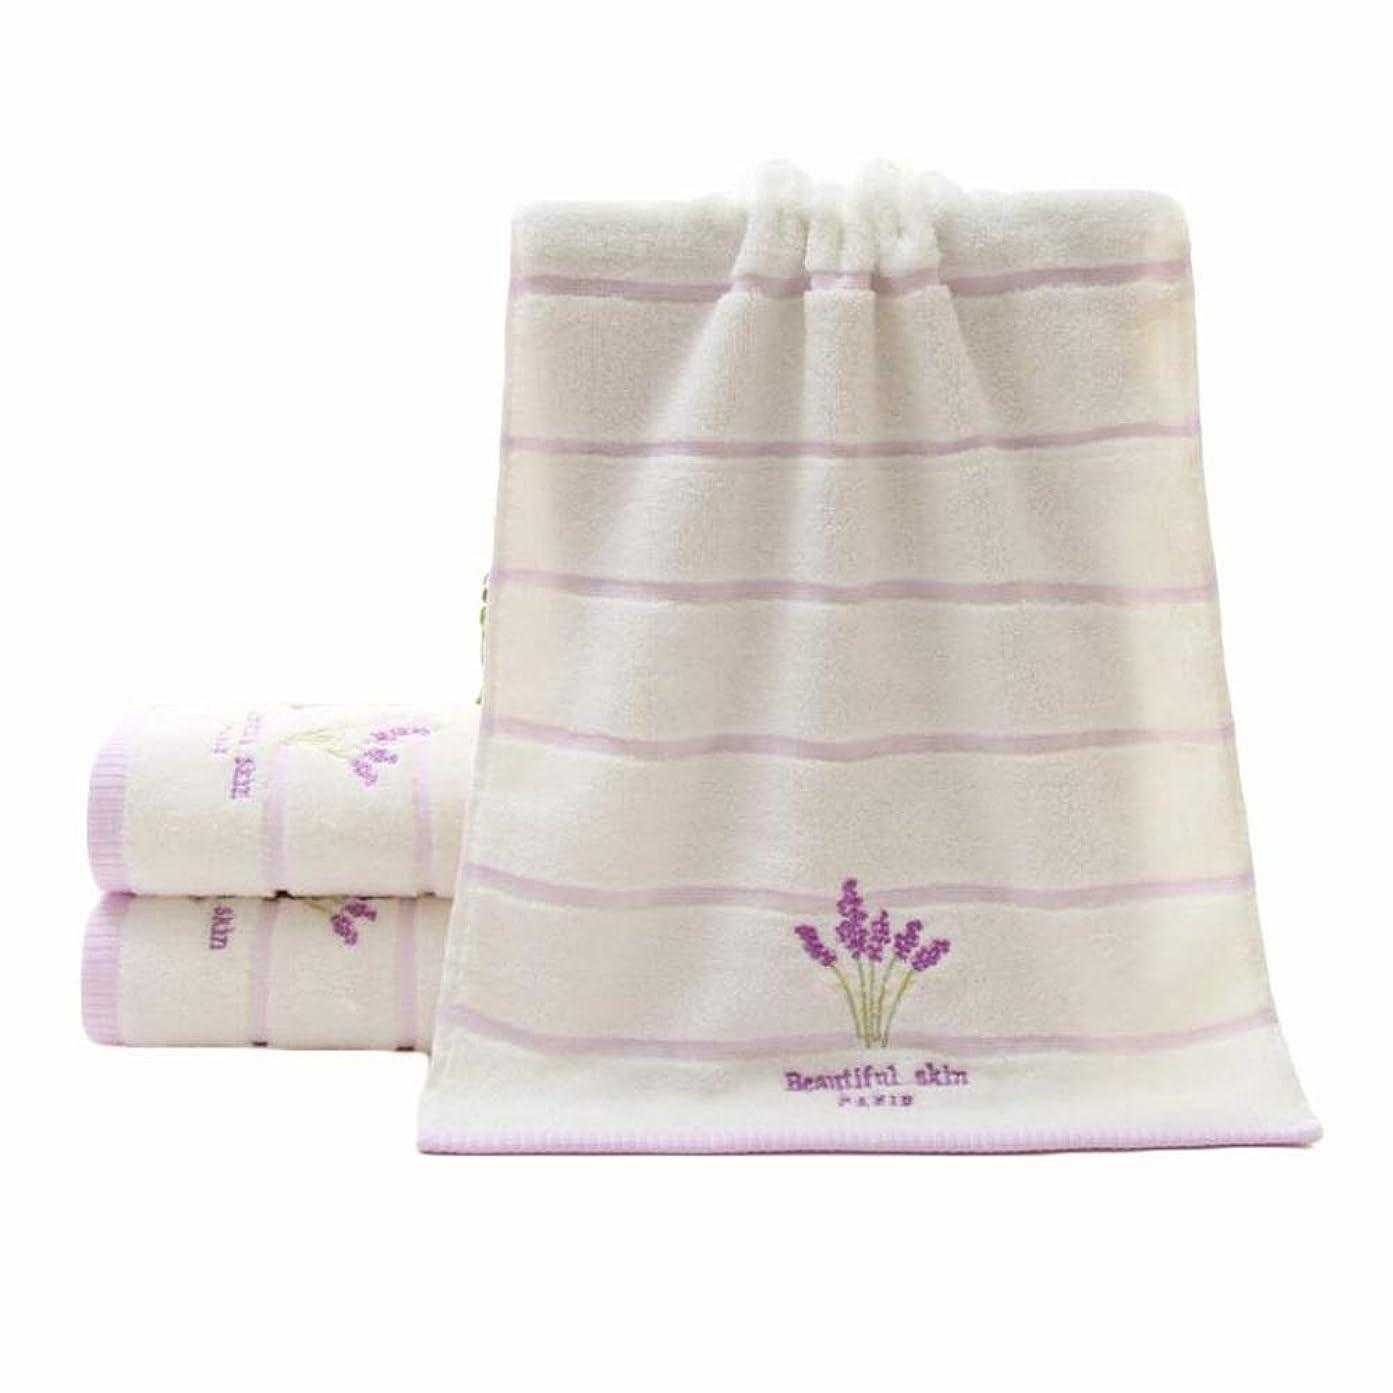 熱狂的なネスト枕CXUNKK 2PCS / LOTホームコットンラベンダー肥厚ソフトスキンタオル (Color : White)